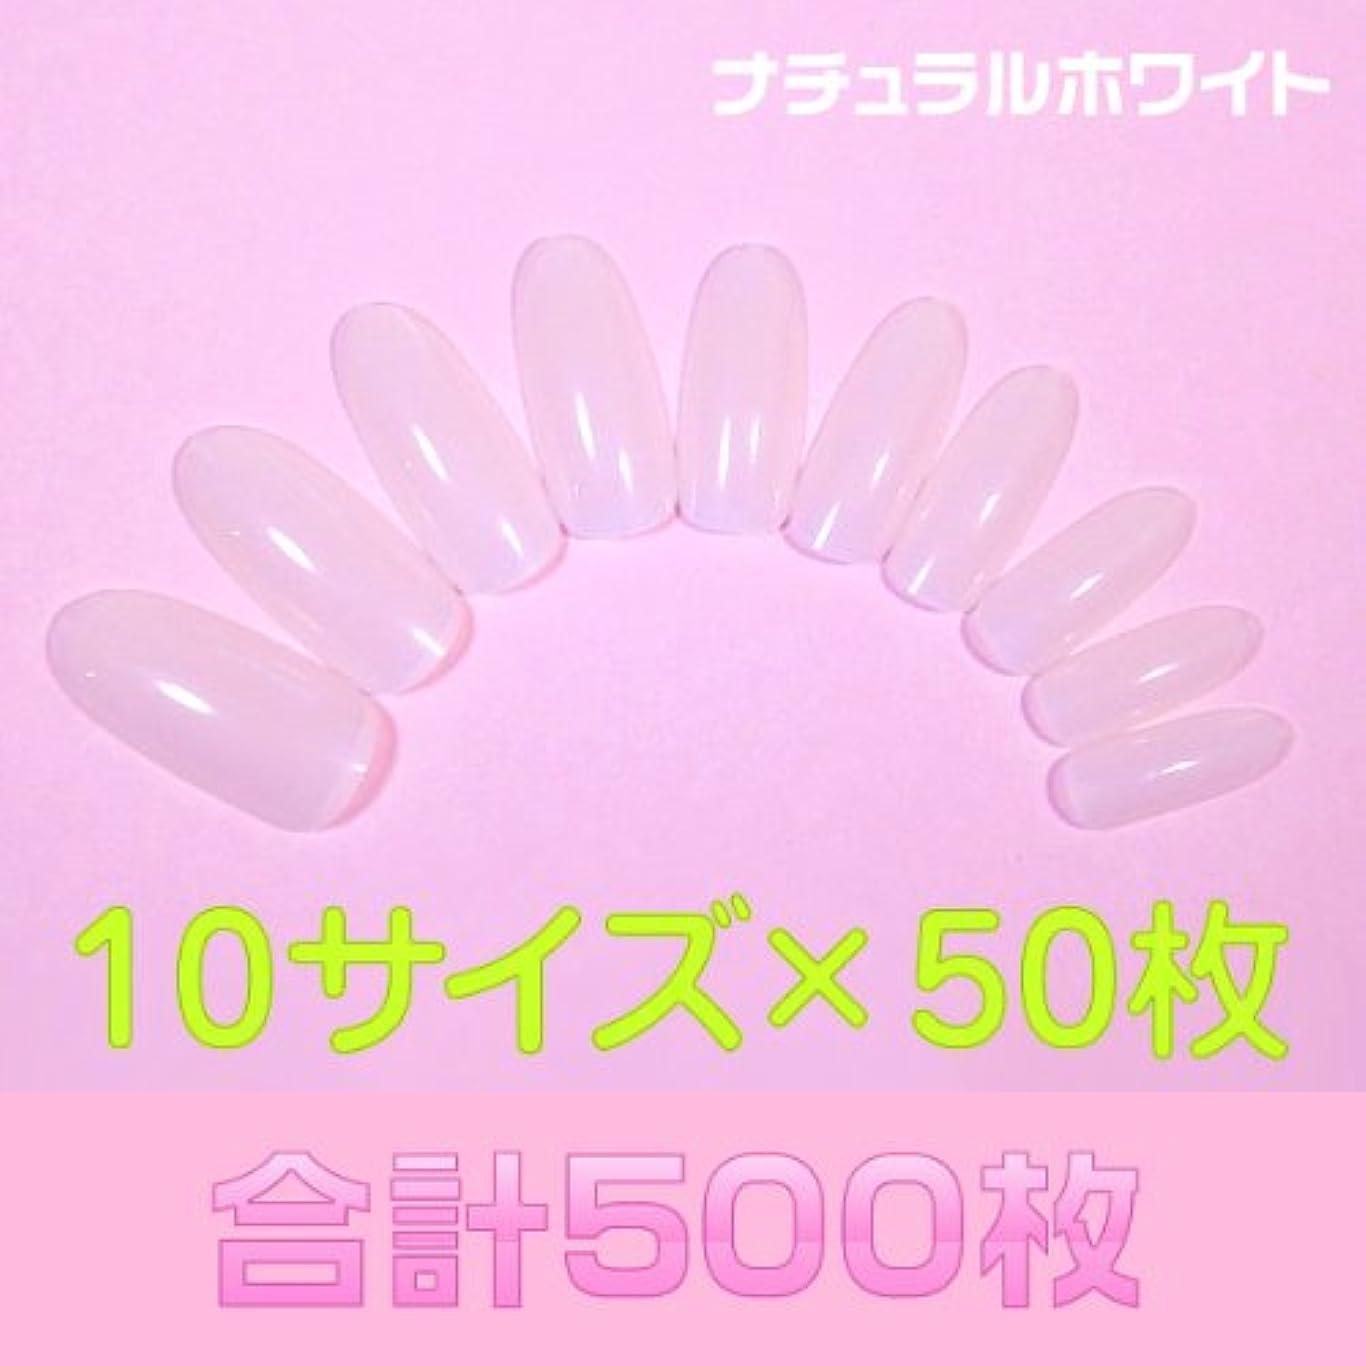 アスリート間違っている配るネイルチップ 無地 ナチュラルホワイト ロングオーバル500枚 [#4]フルカバーオーダー用通販 つけ爪付け爪